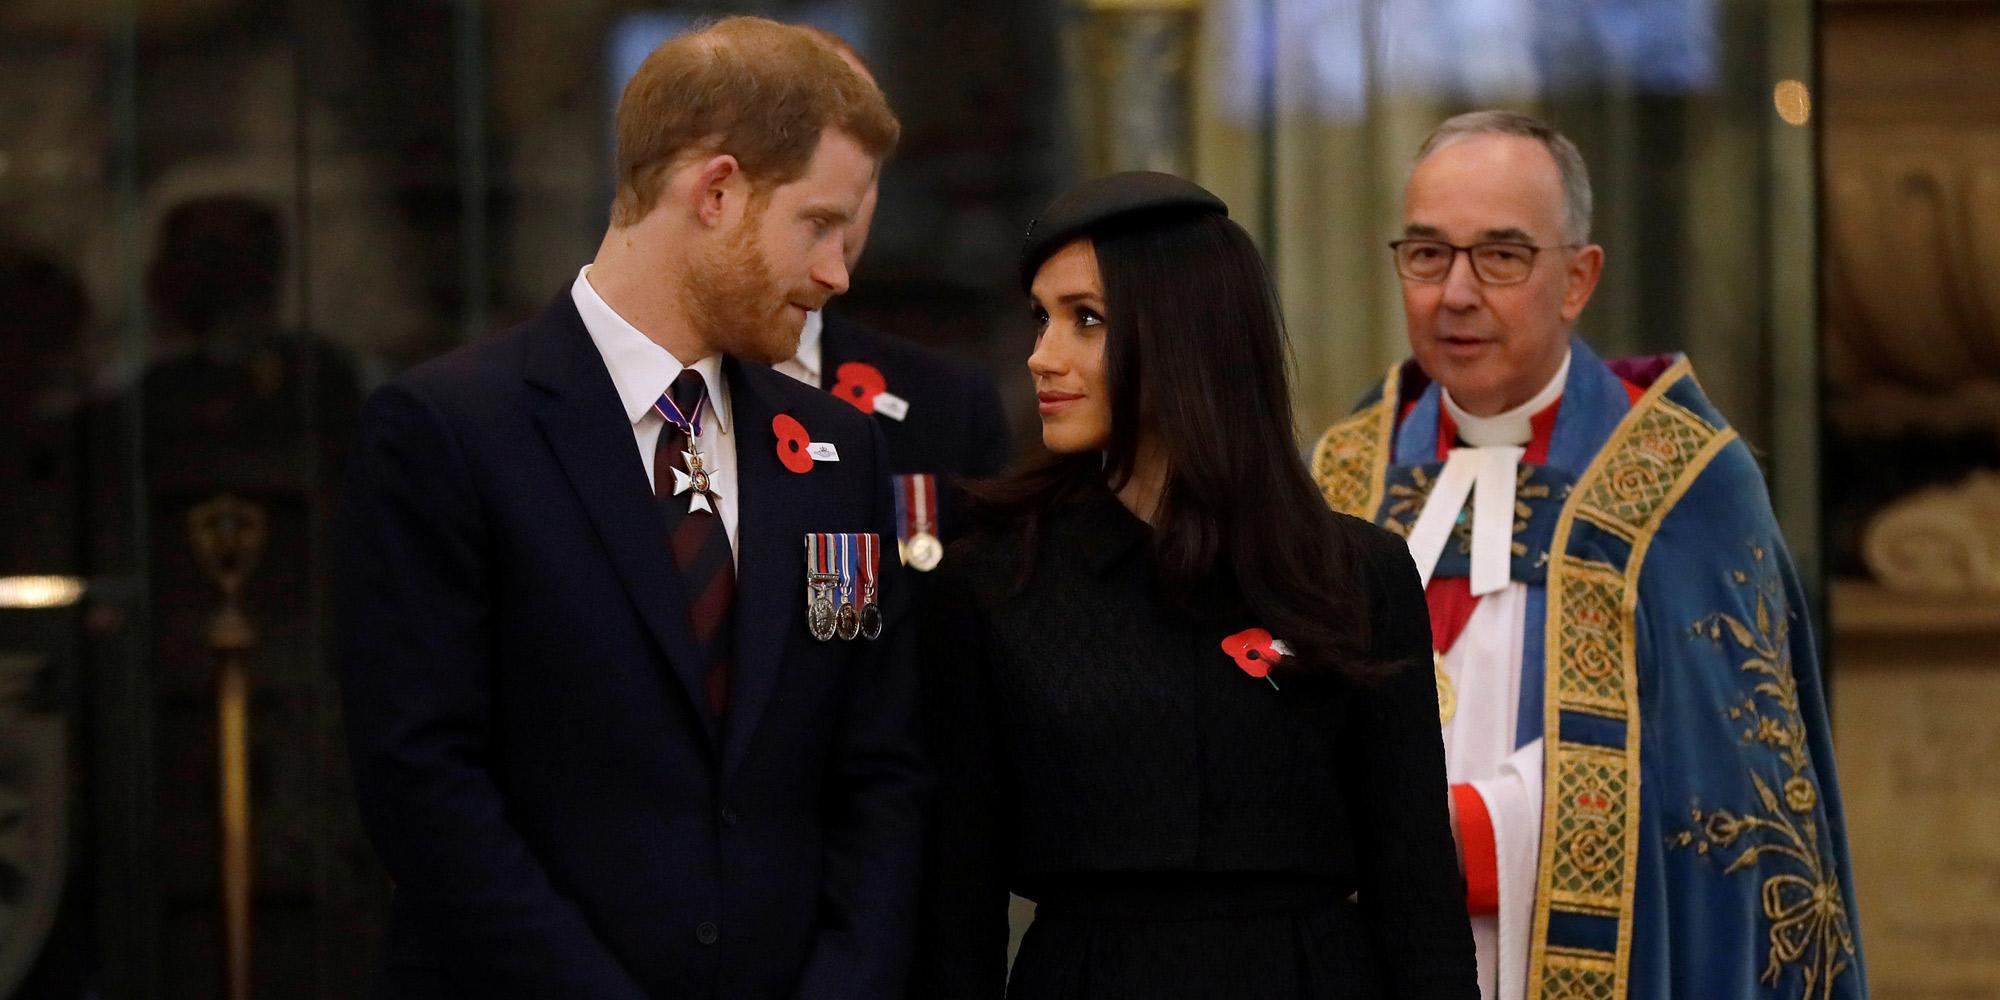 site de rencontre pour les couples mariés au Royaume-Uni rencontres SKS